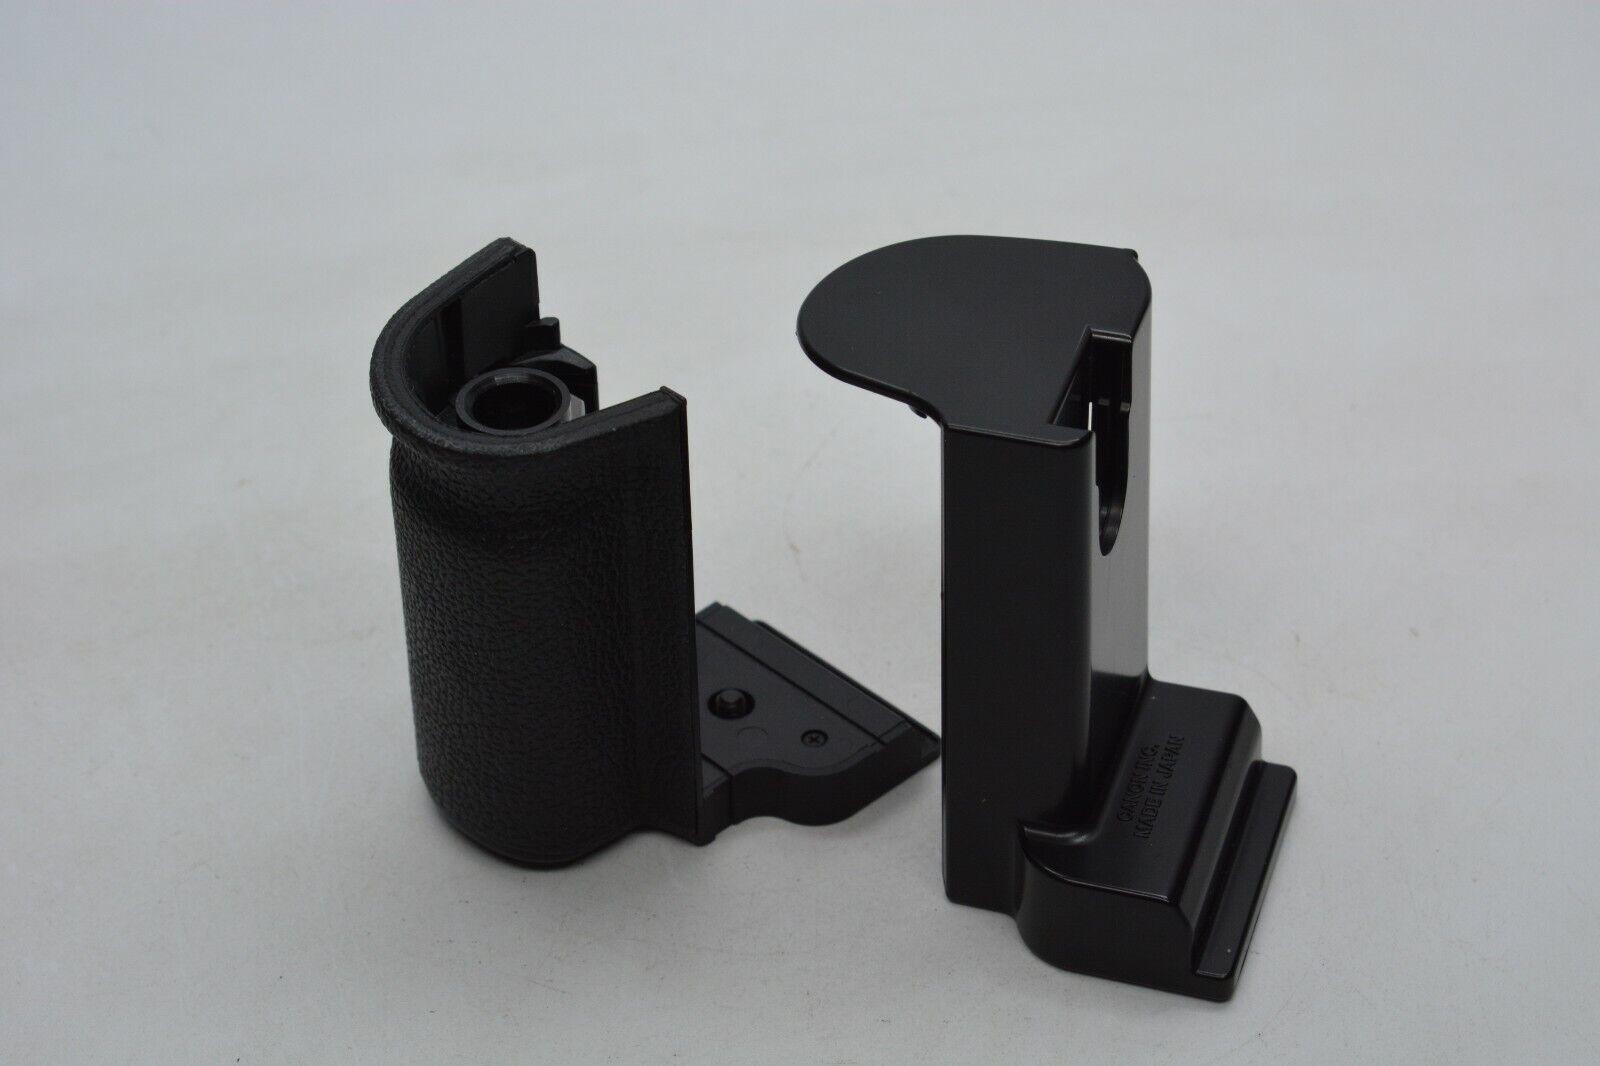 [MINT] Canon GR-E1 Battery Grip Holder for Canon EOS-1 1N 1V #3115